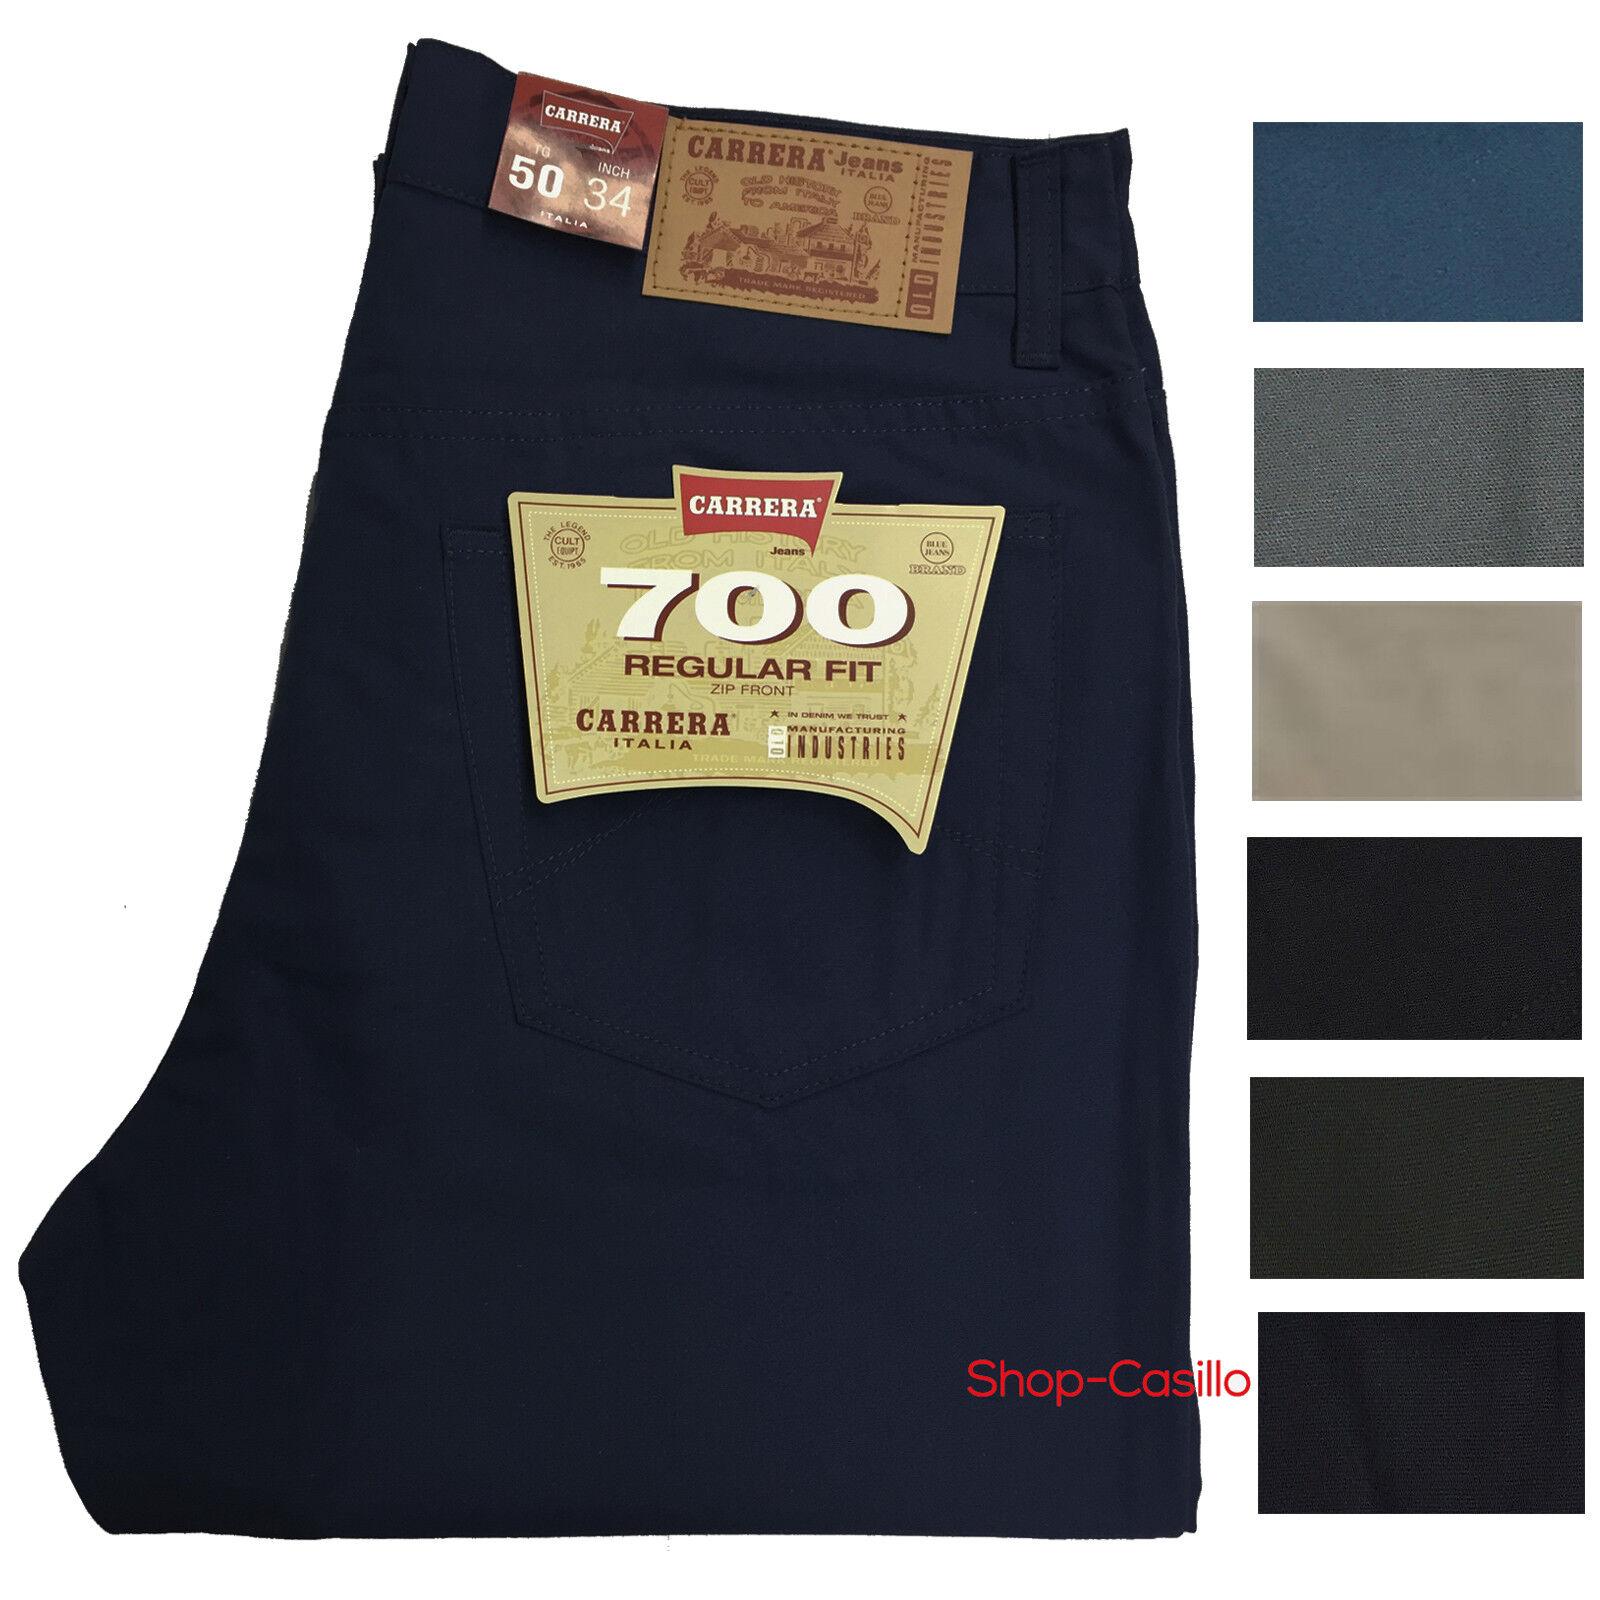 Pantalone Jeans Cotone colorato Carrera 700 Cinque Tasche Estivo Leggero 46 62